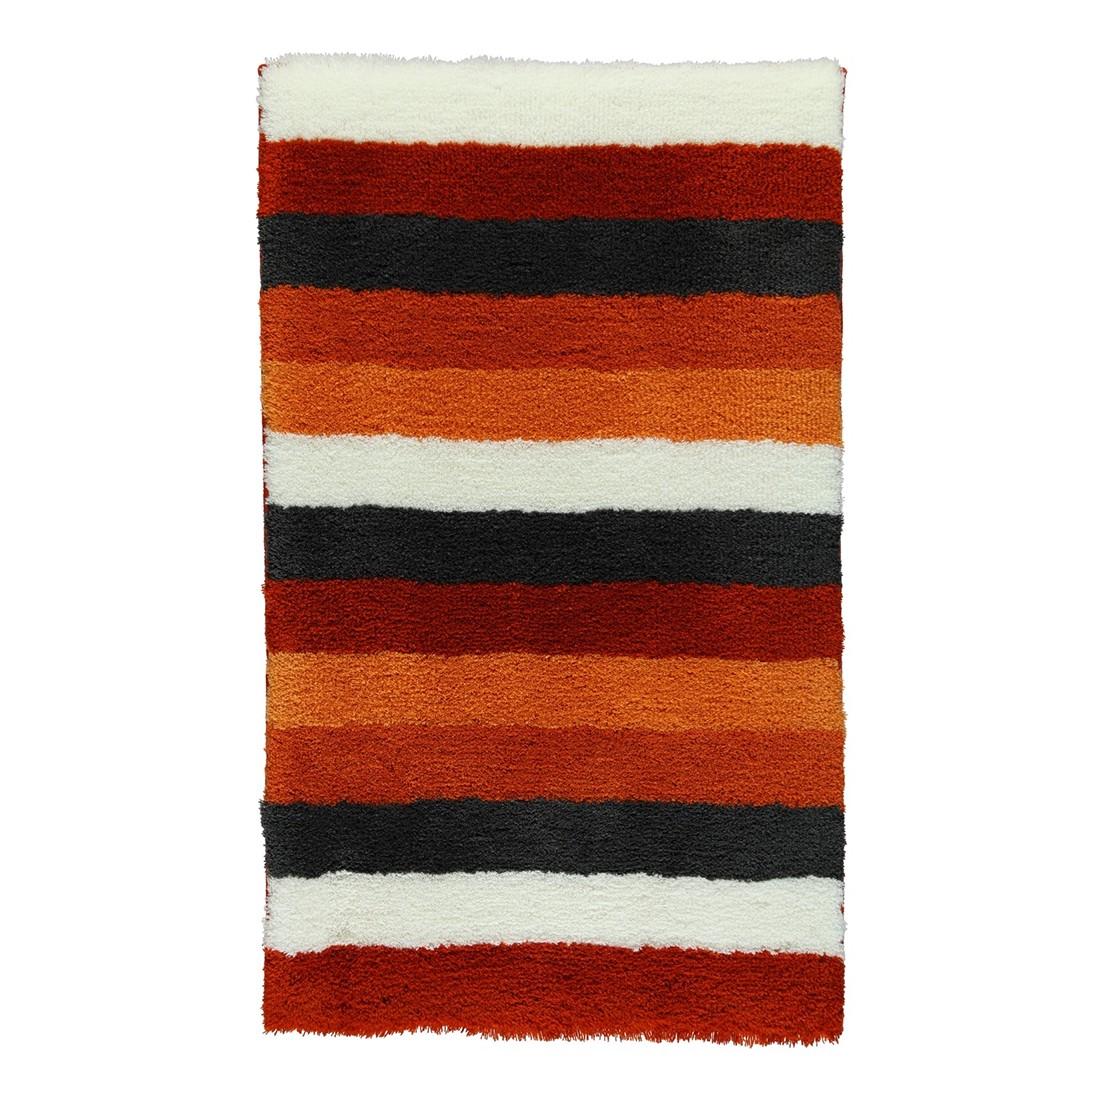 Badteppich Bilbao – 100% Polyacryl Chili – 334 – Abmessungen: 70 x 120 cm, Kleine Wolke günstig online kaufen